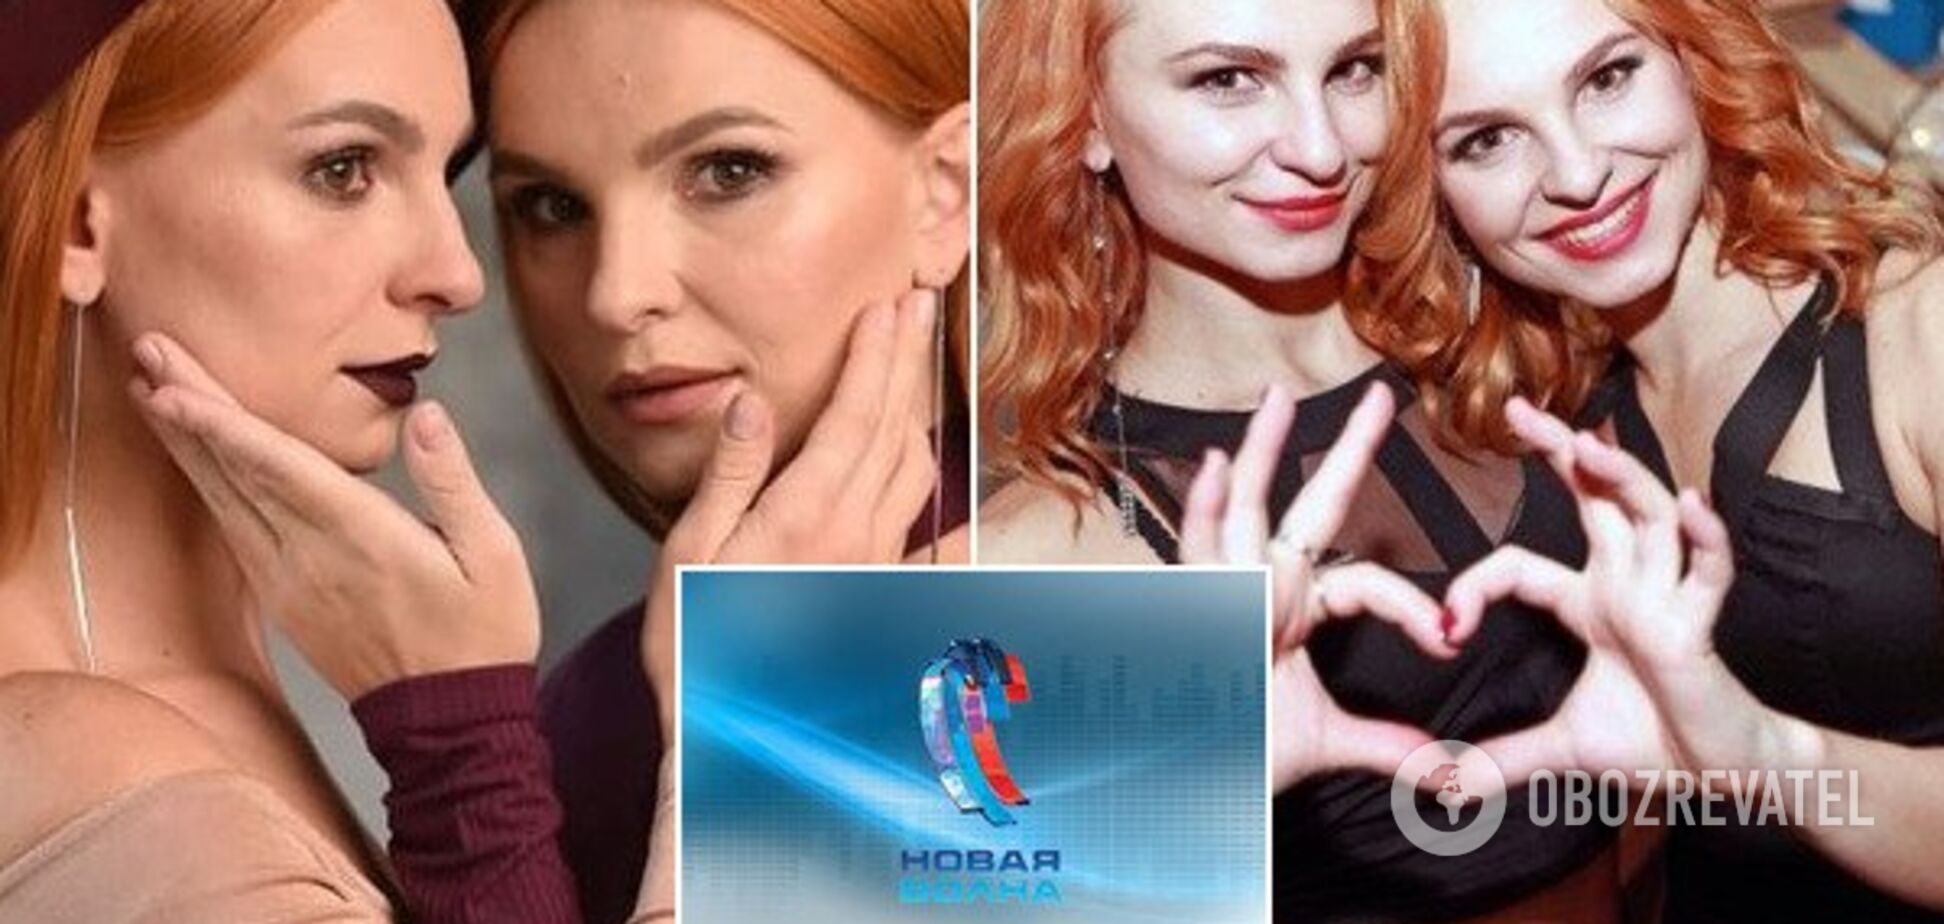 Скандальный дуэт ANNA MARIA представит Украину на российском фестивале: сеть в ярости